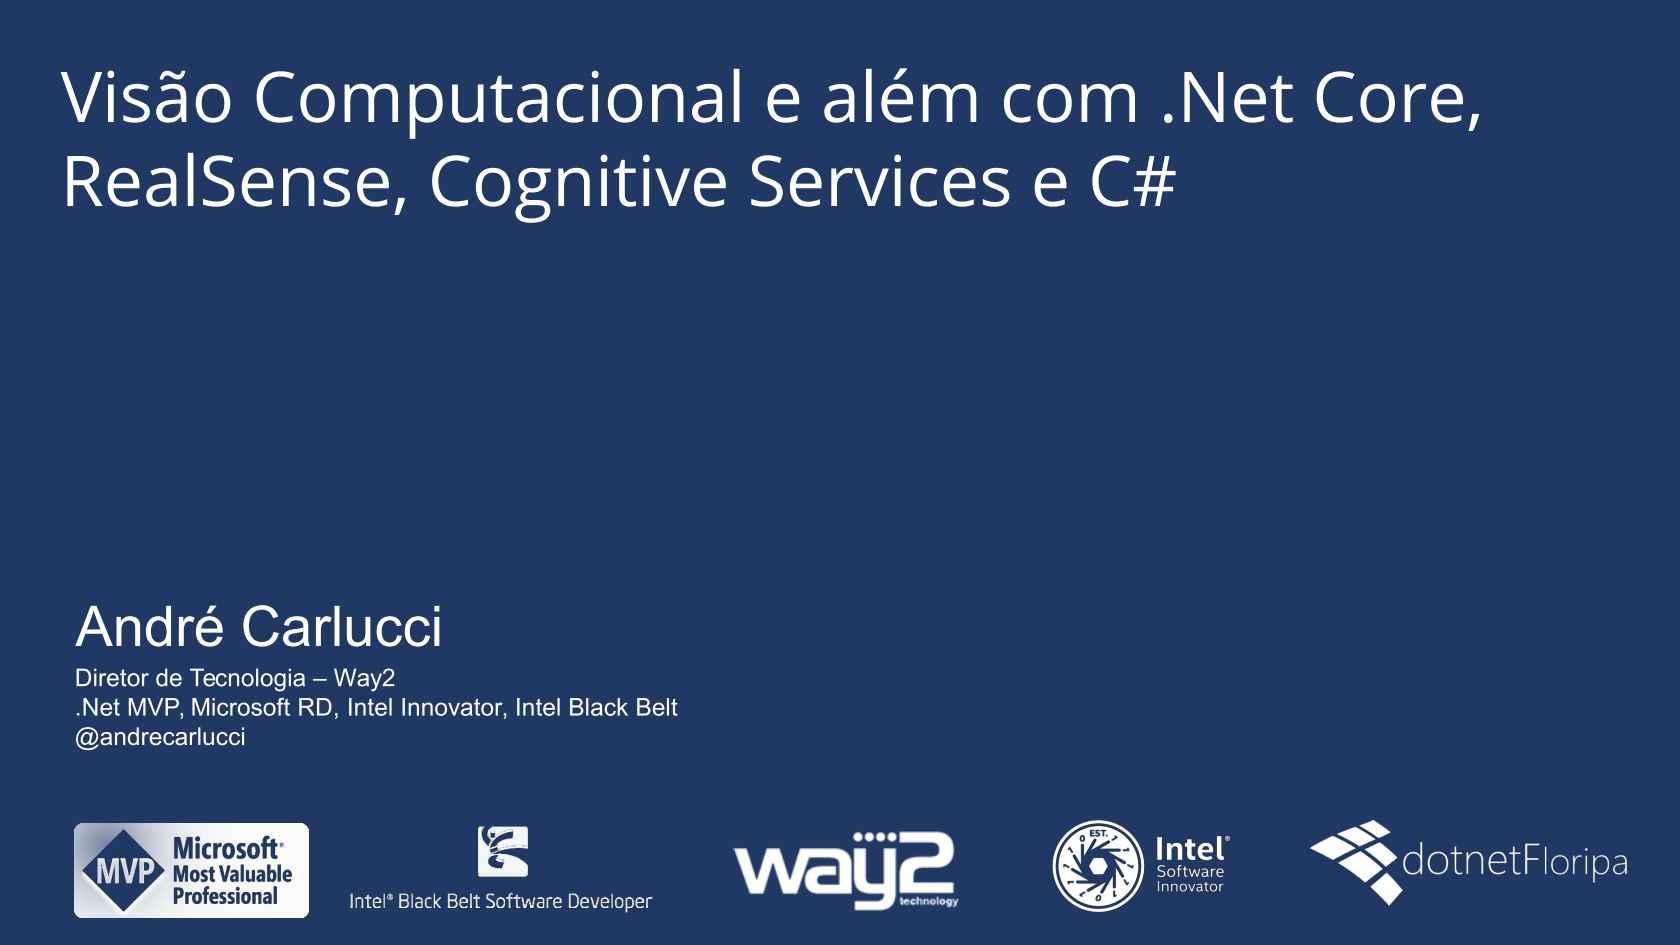 Visão Computacional e além com  Net Core, RealSense, Cognitive